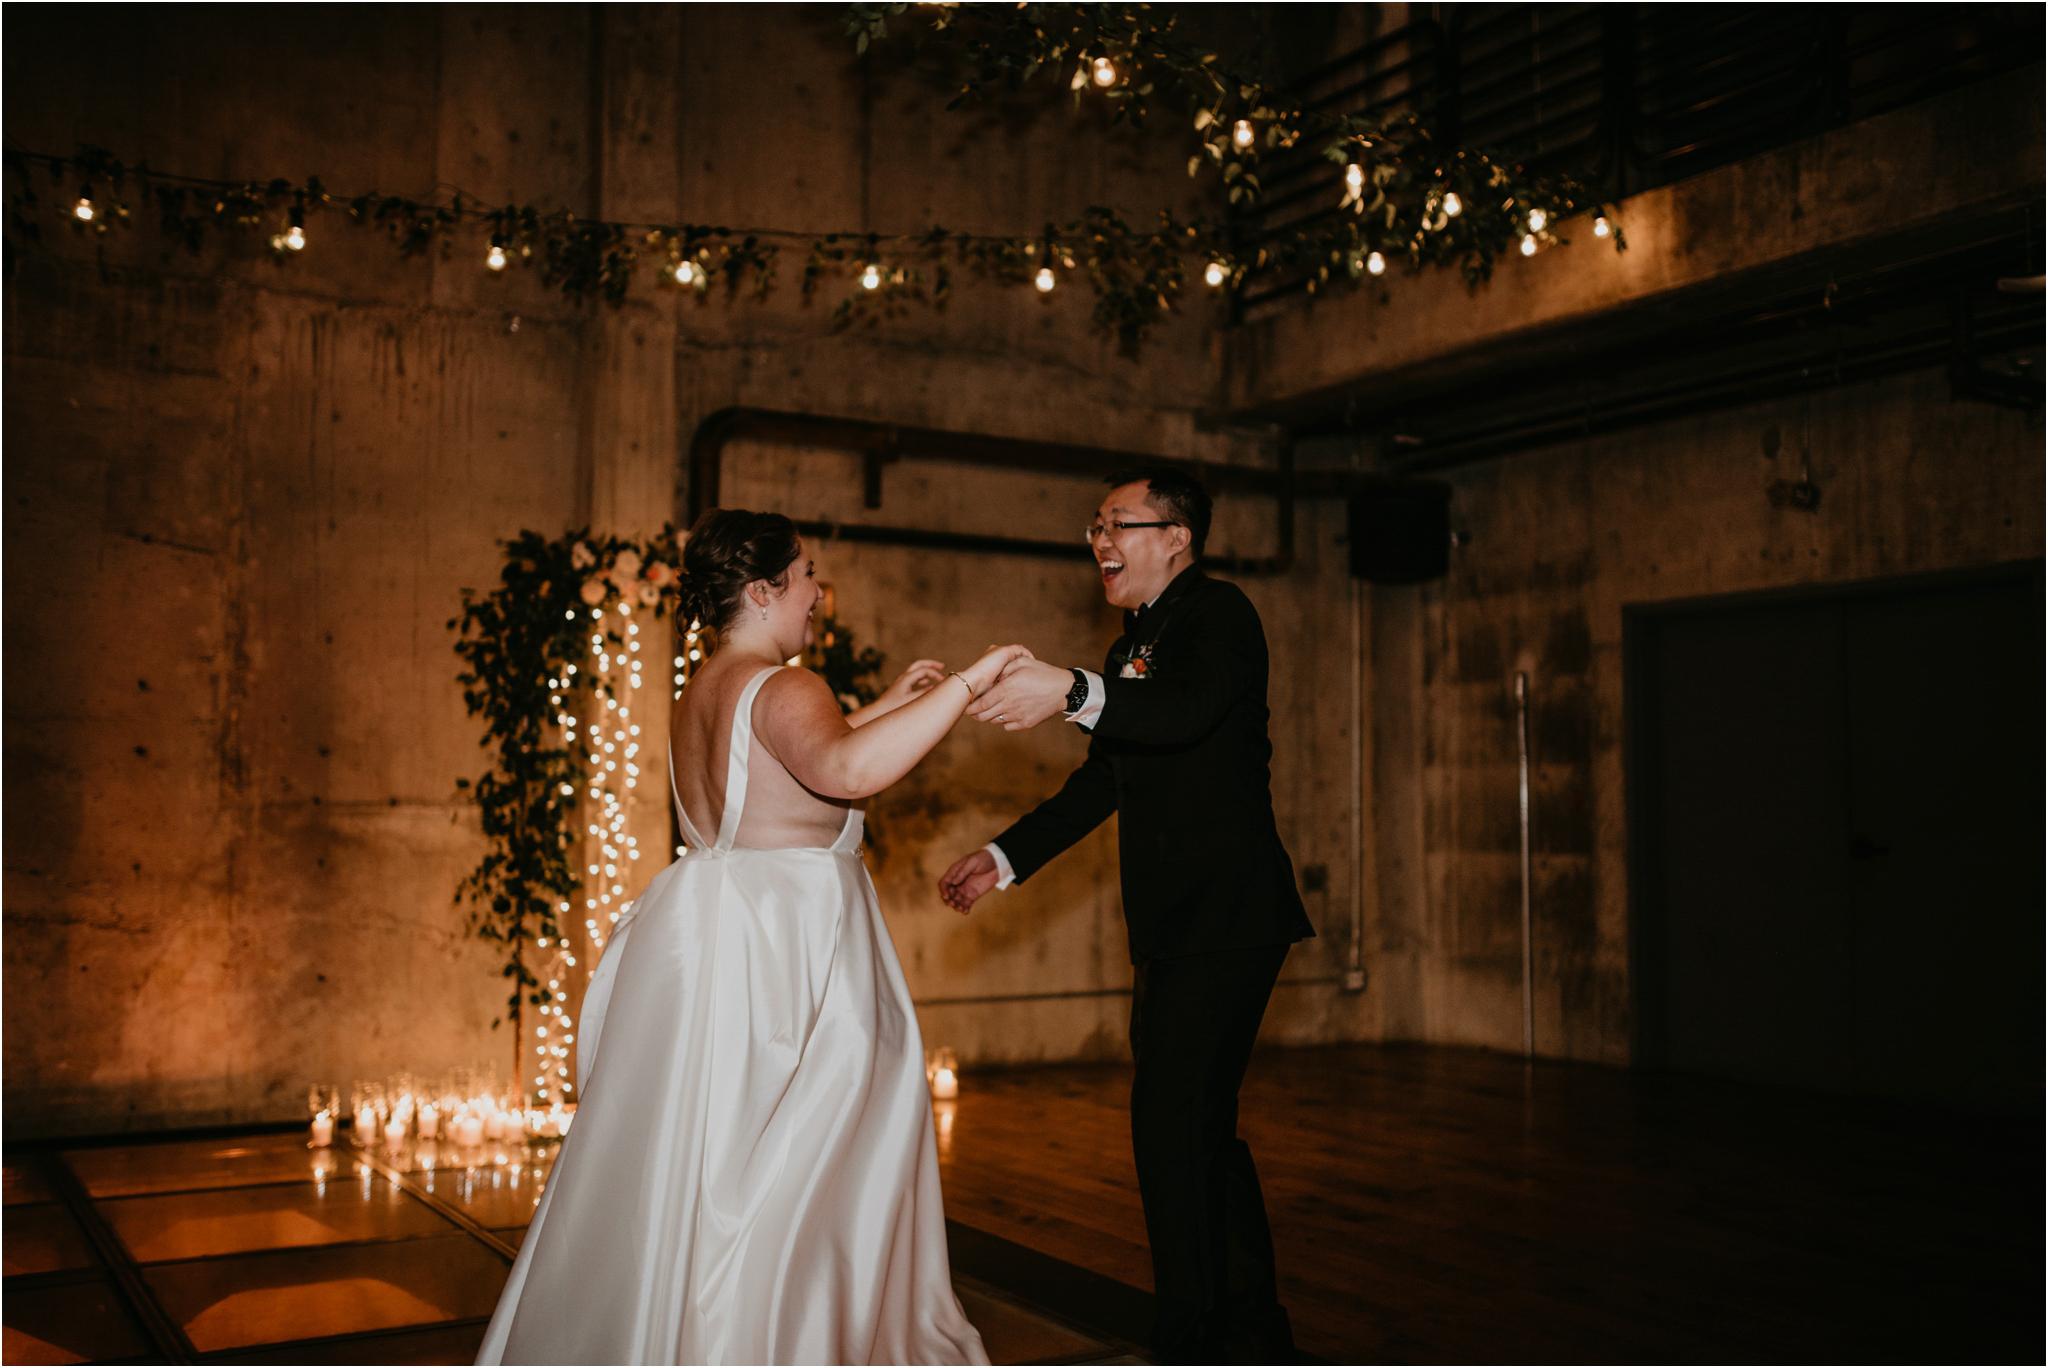 ashley-and-david-fremont-foundry-seattle-washington-wedding-photographer-128.jpg